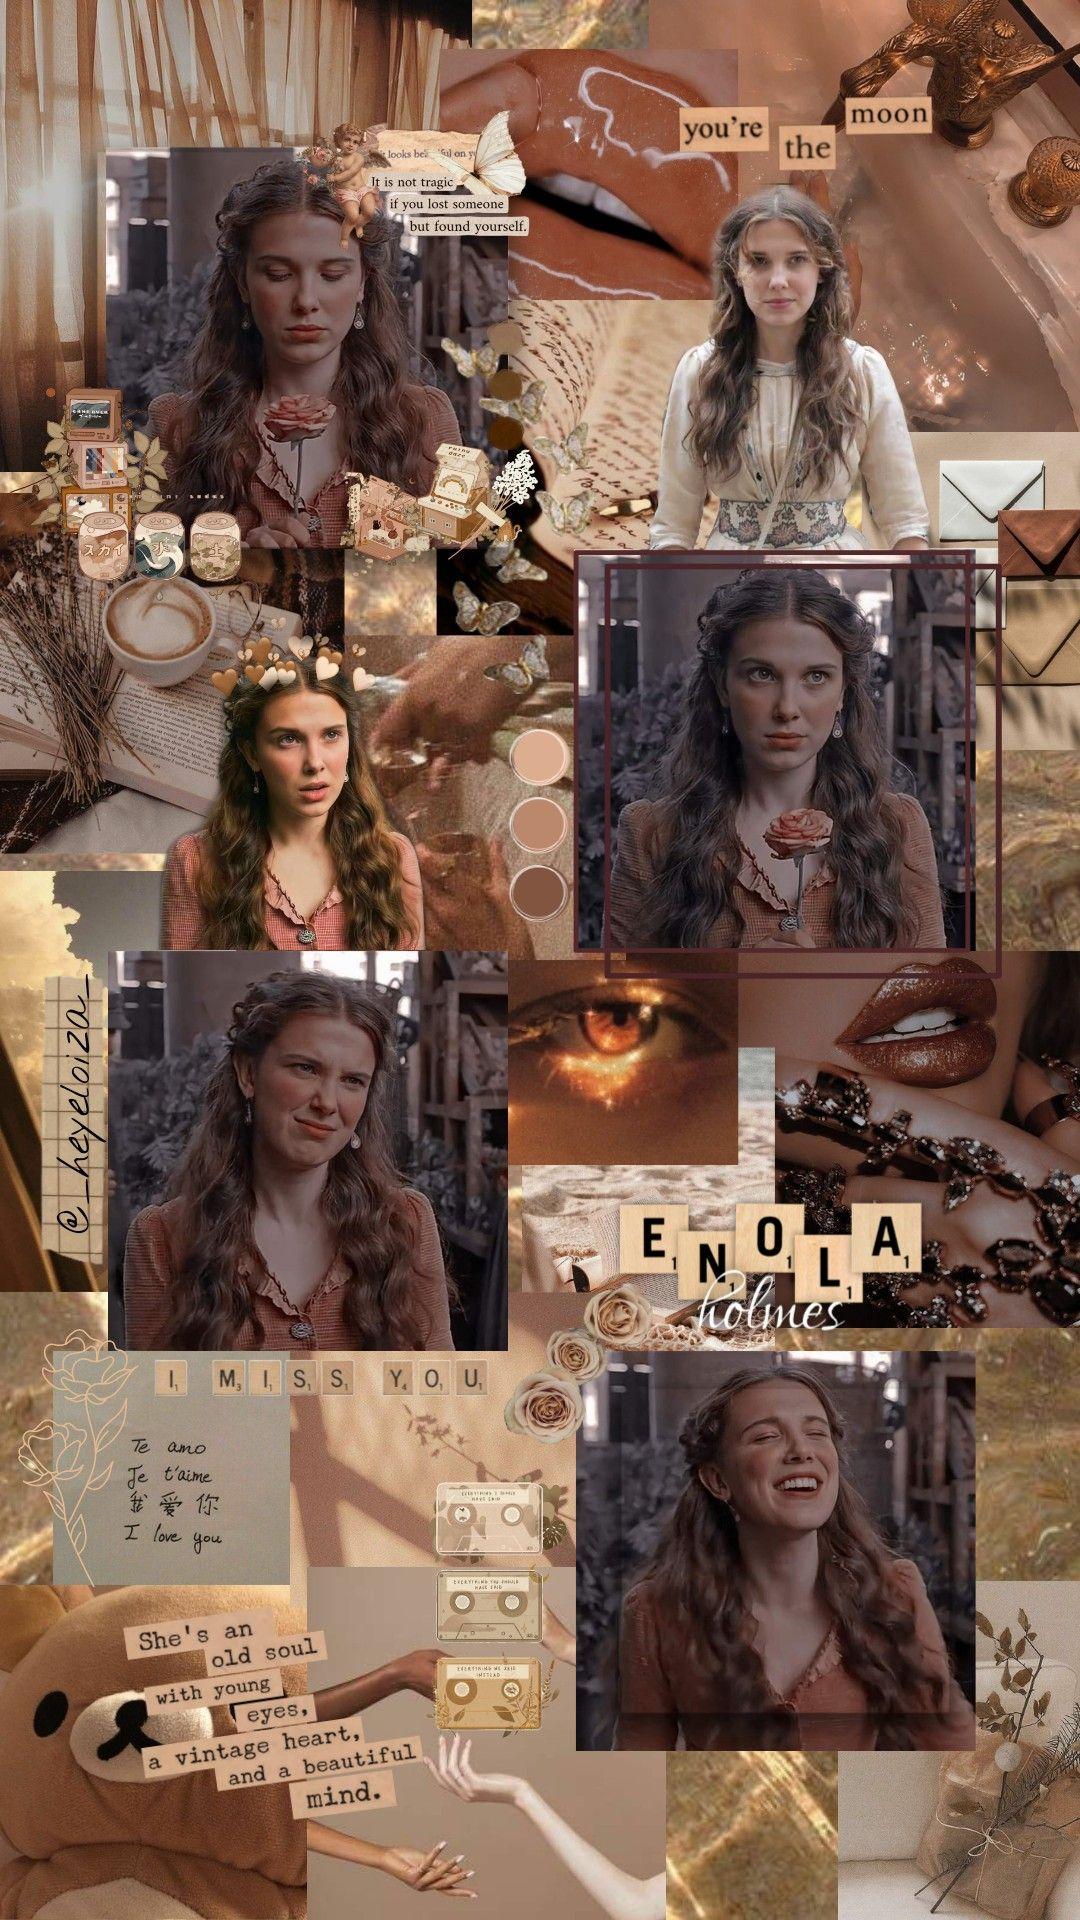 Wallpaper da Enola Holmes